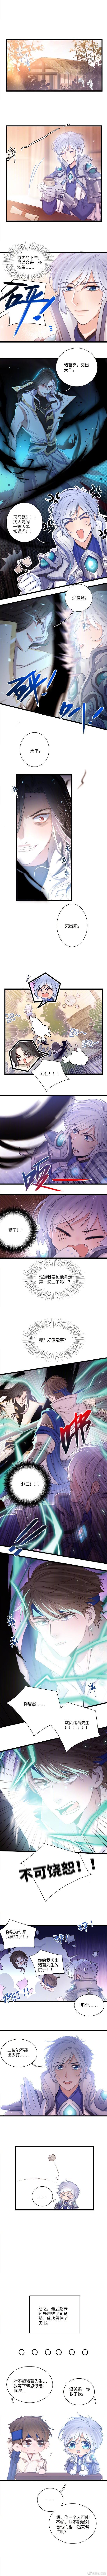 「王者风物志 ・ 漫画插画大赛,第4期作品盘点」来啦!